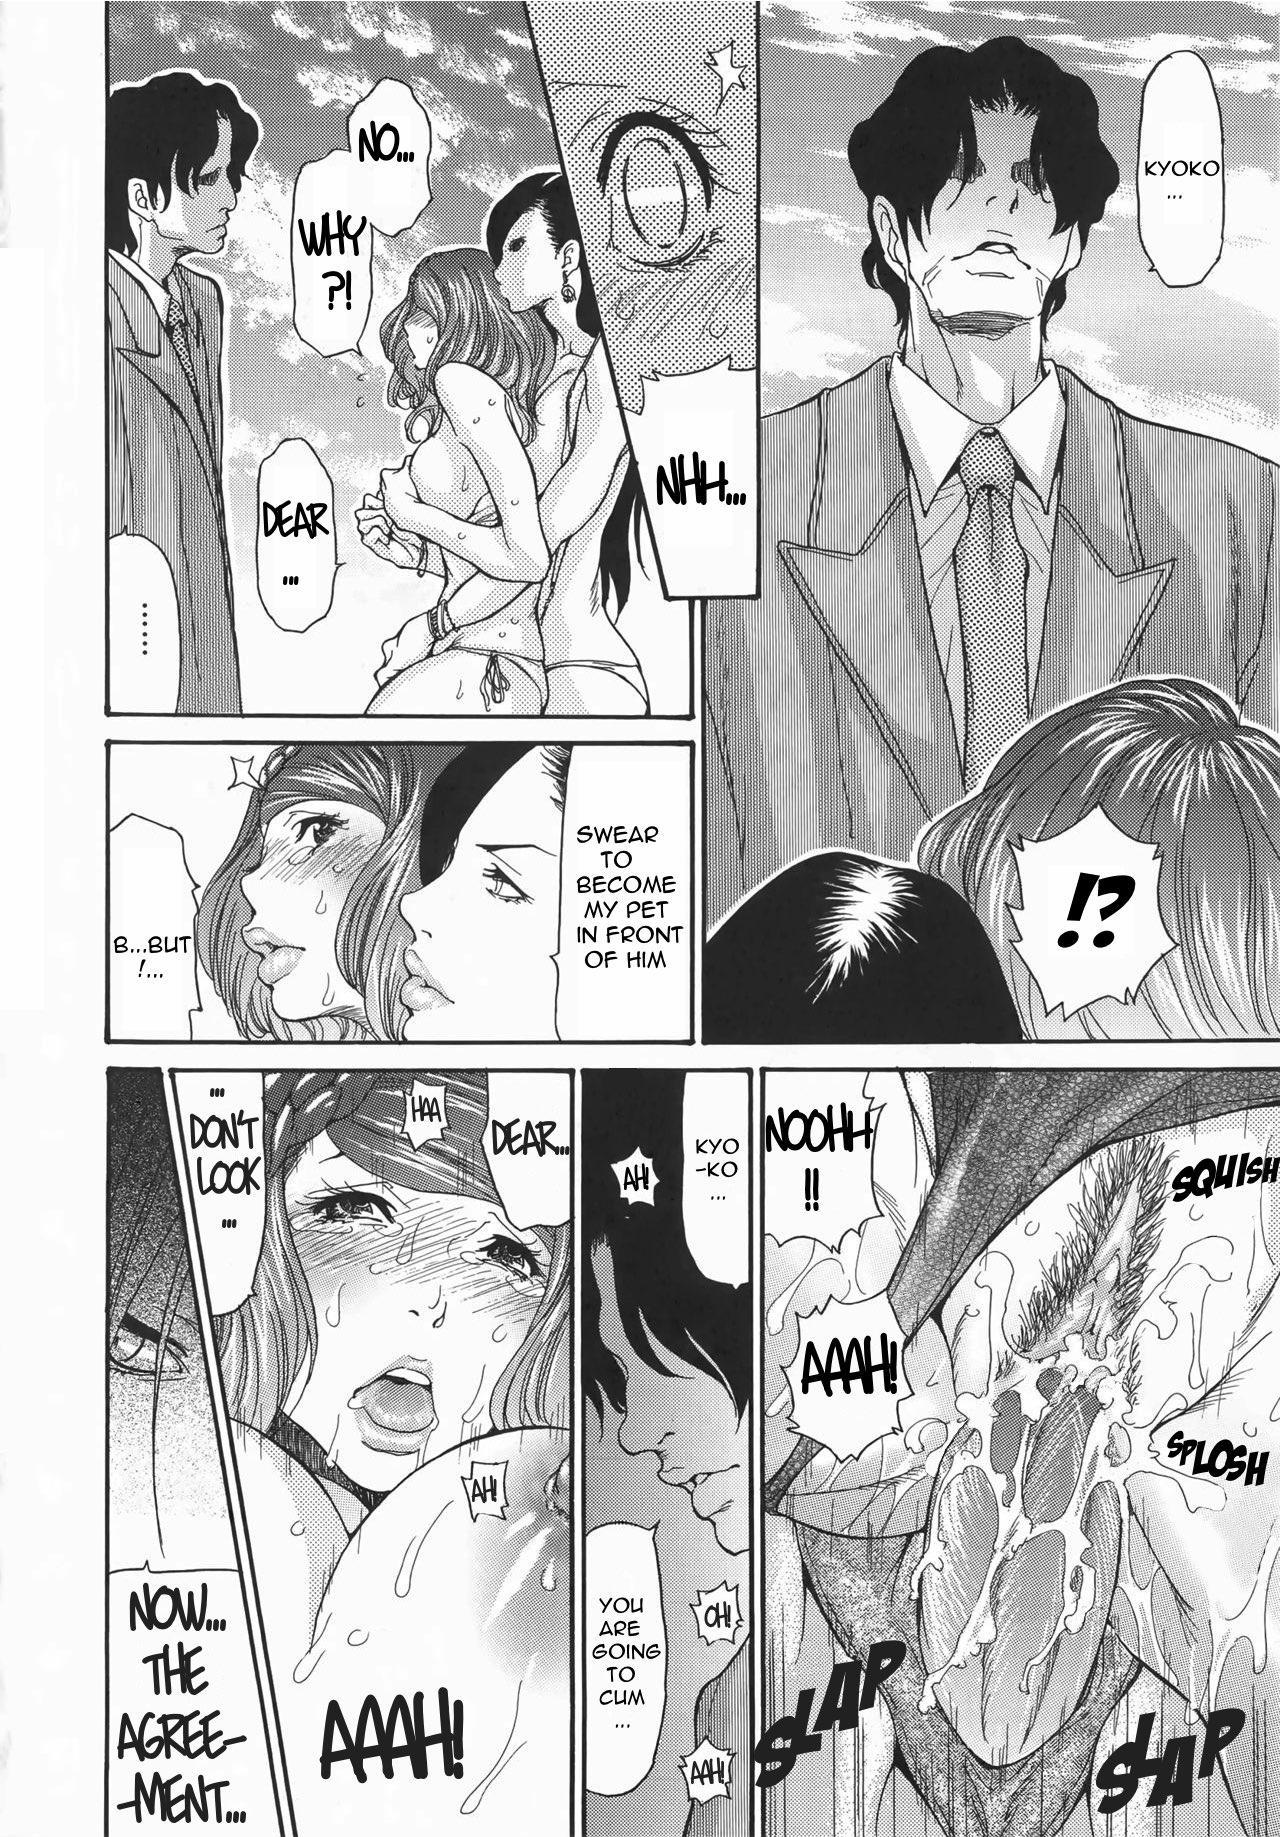 [Aoi Hitori, Izayoi Seishin, Yamasaki Masato] Metamorphose ~Celeb Zuma no Seien~ Ch. 1-8 [English][Decensored] [R-IC] 99